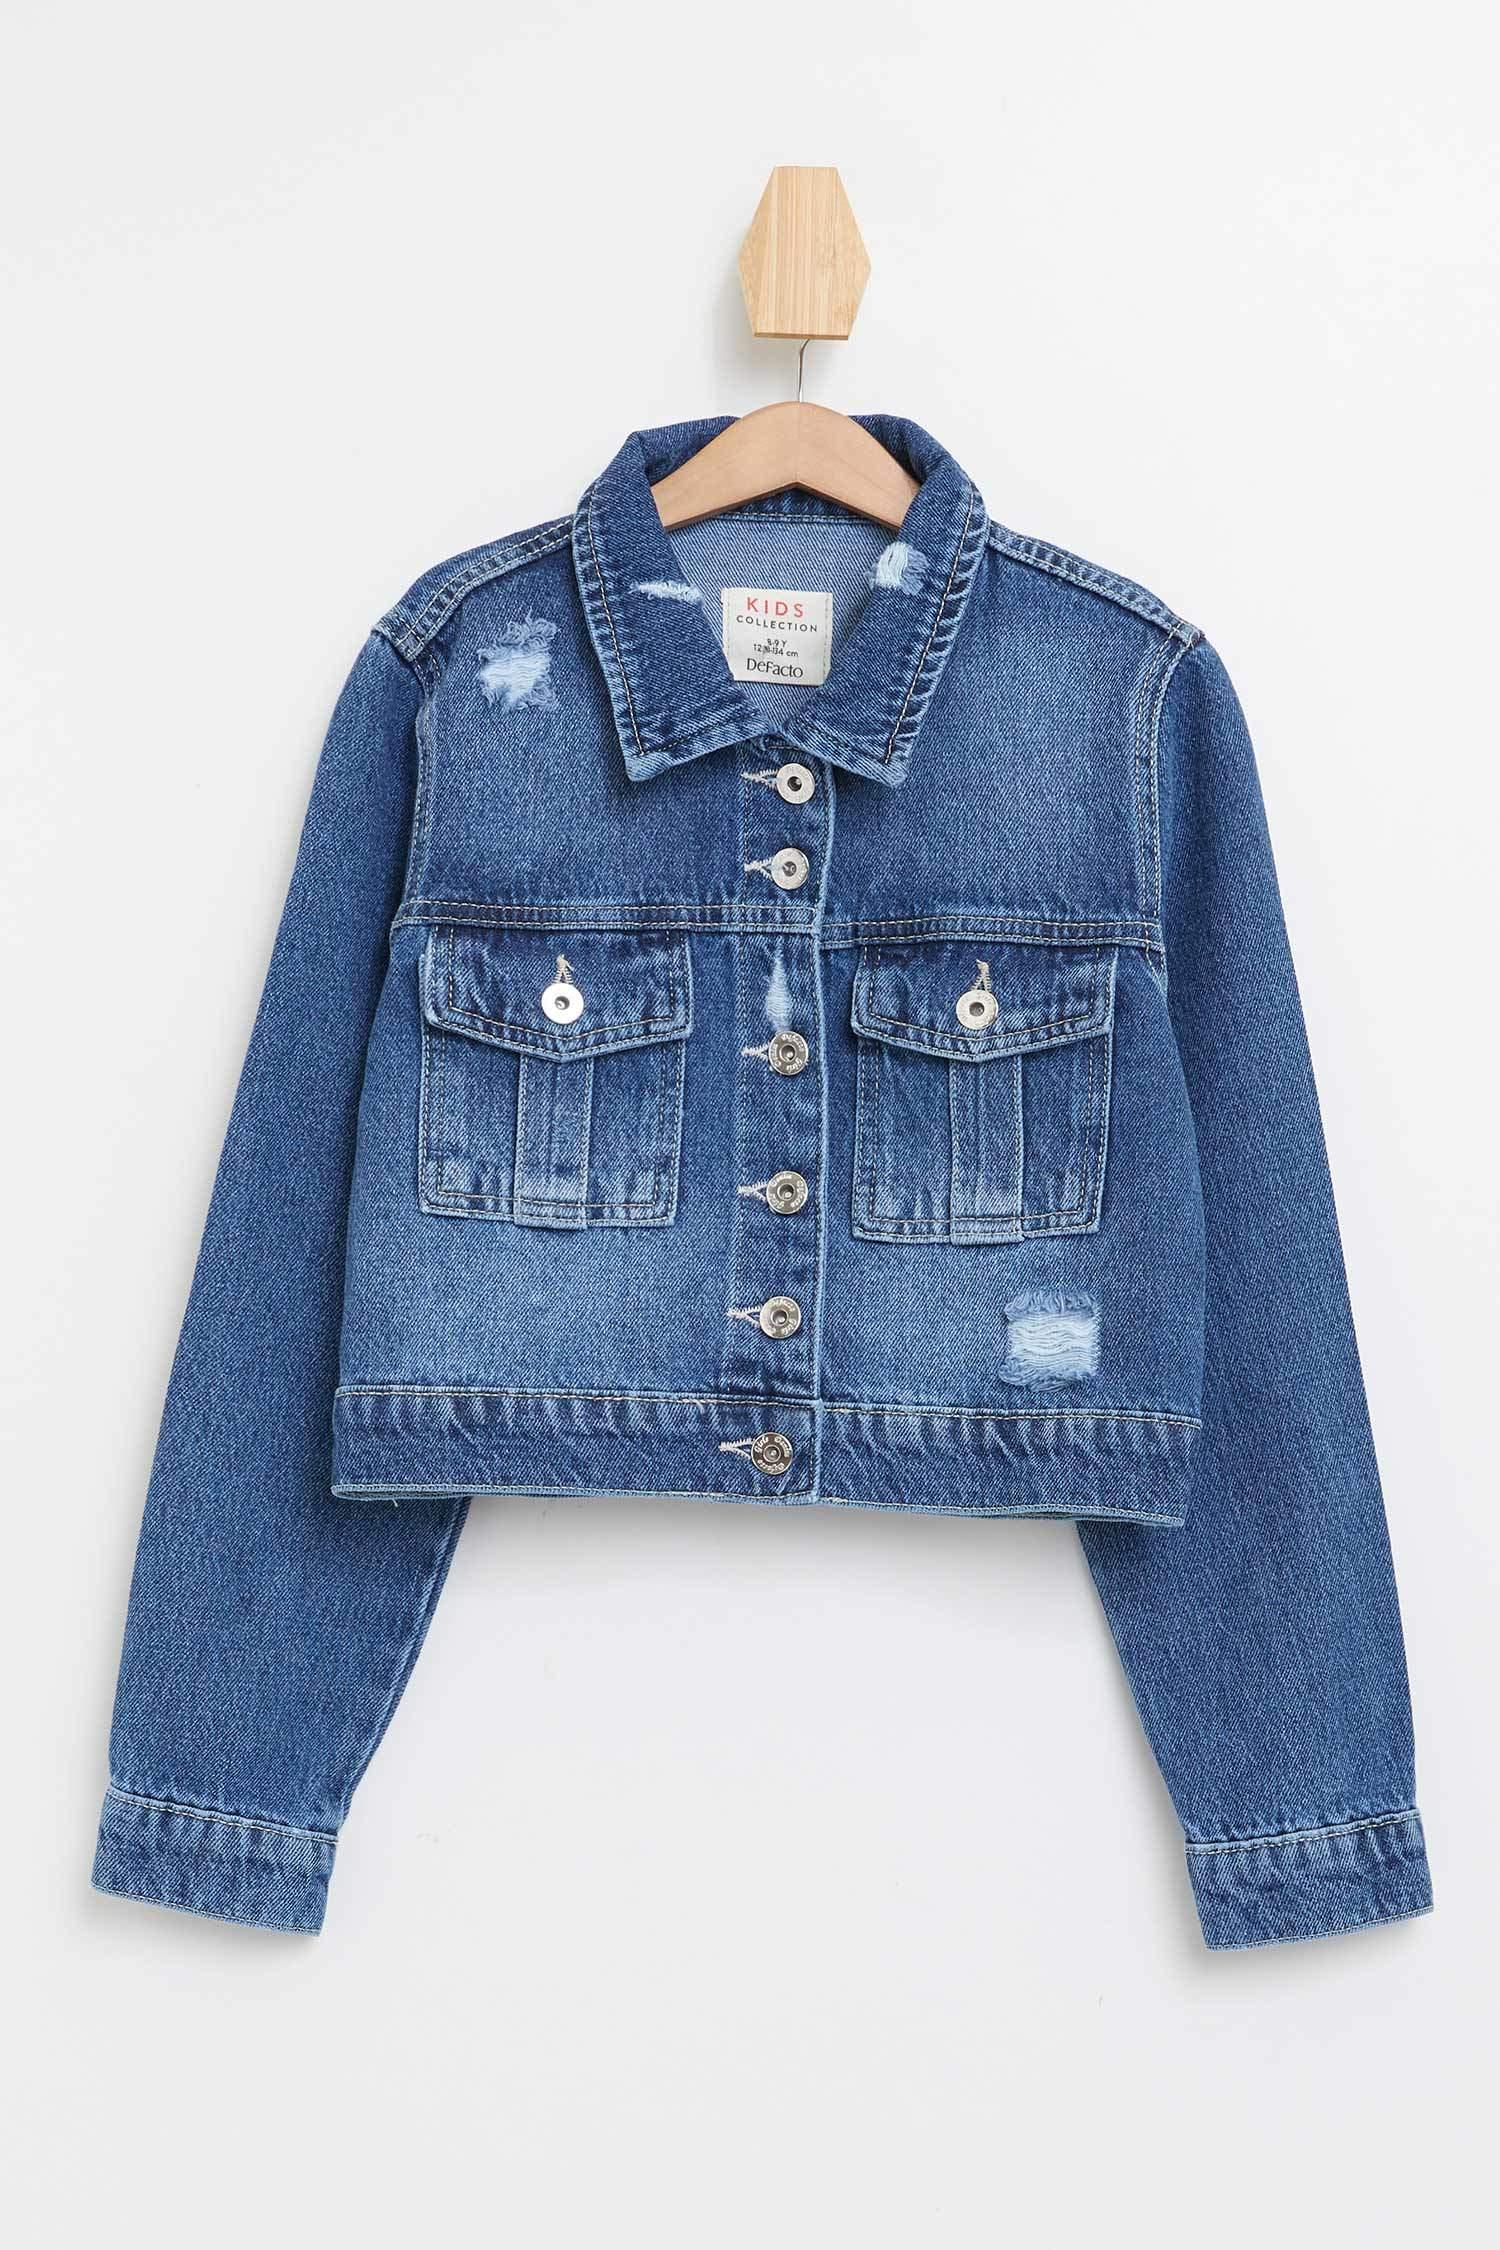 Filles F /& F Bleu Foncé Veste en jean avec les boutons en métal 8-9 Ans Et 11-12